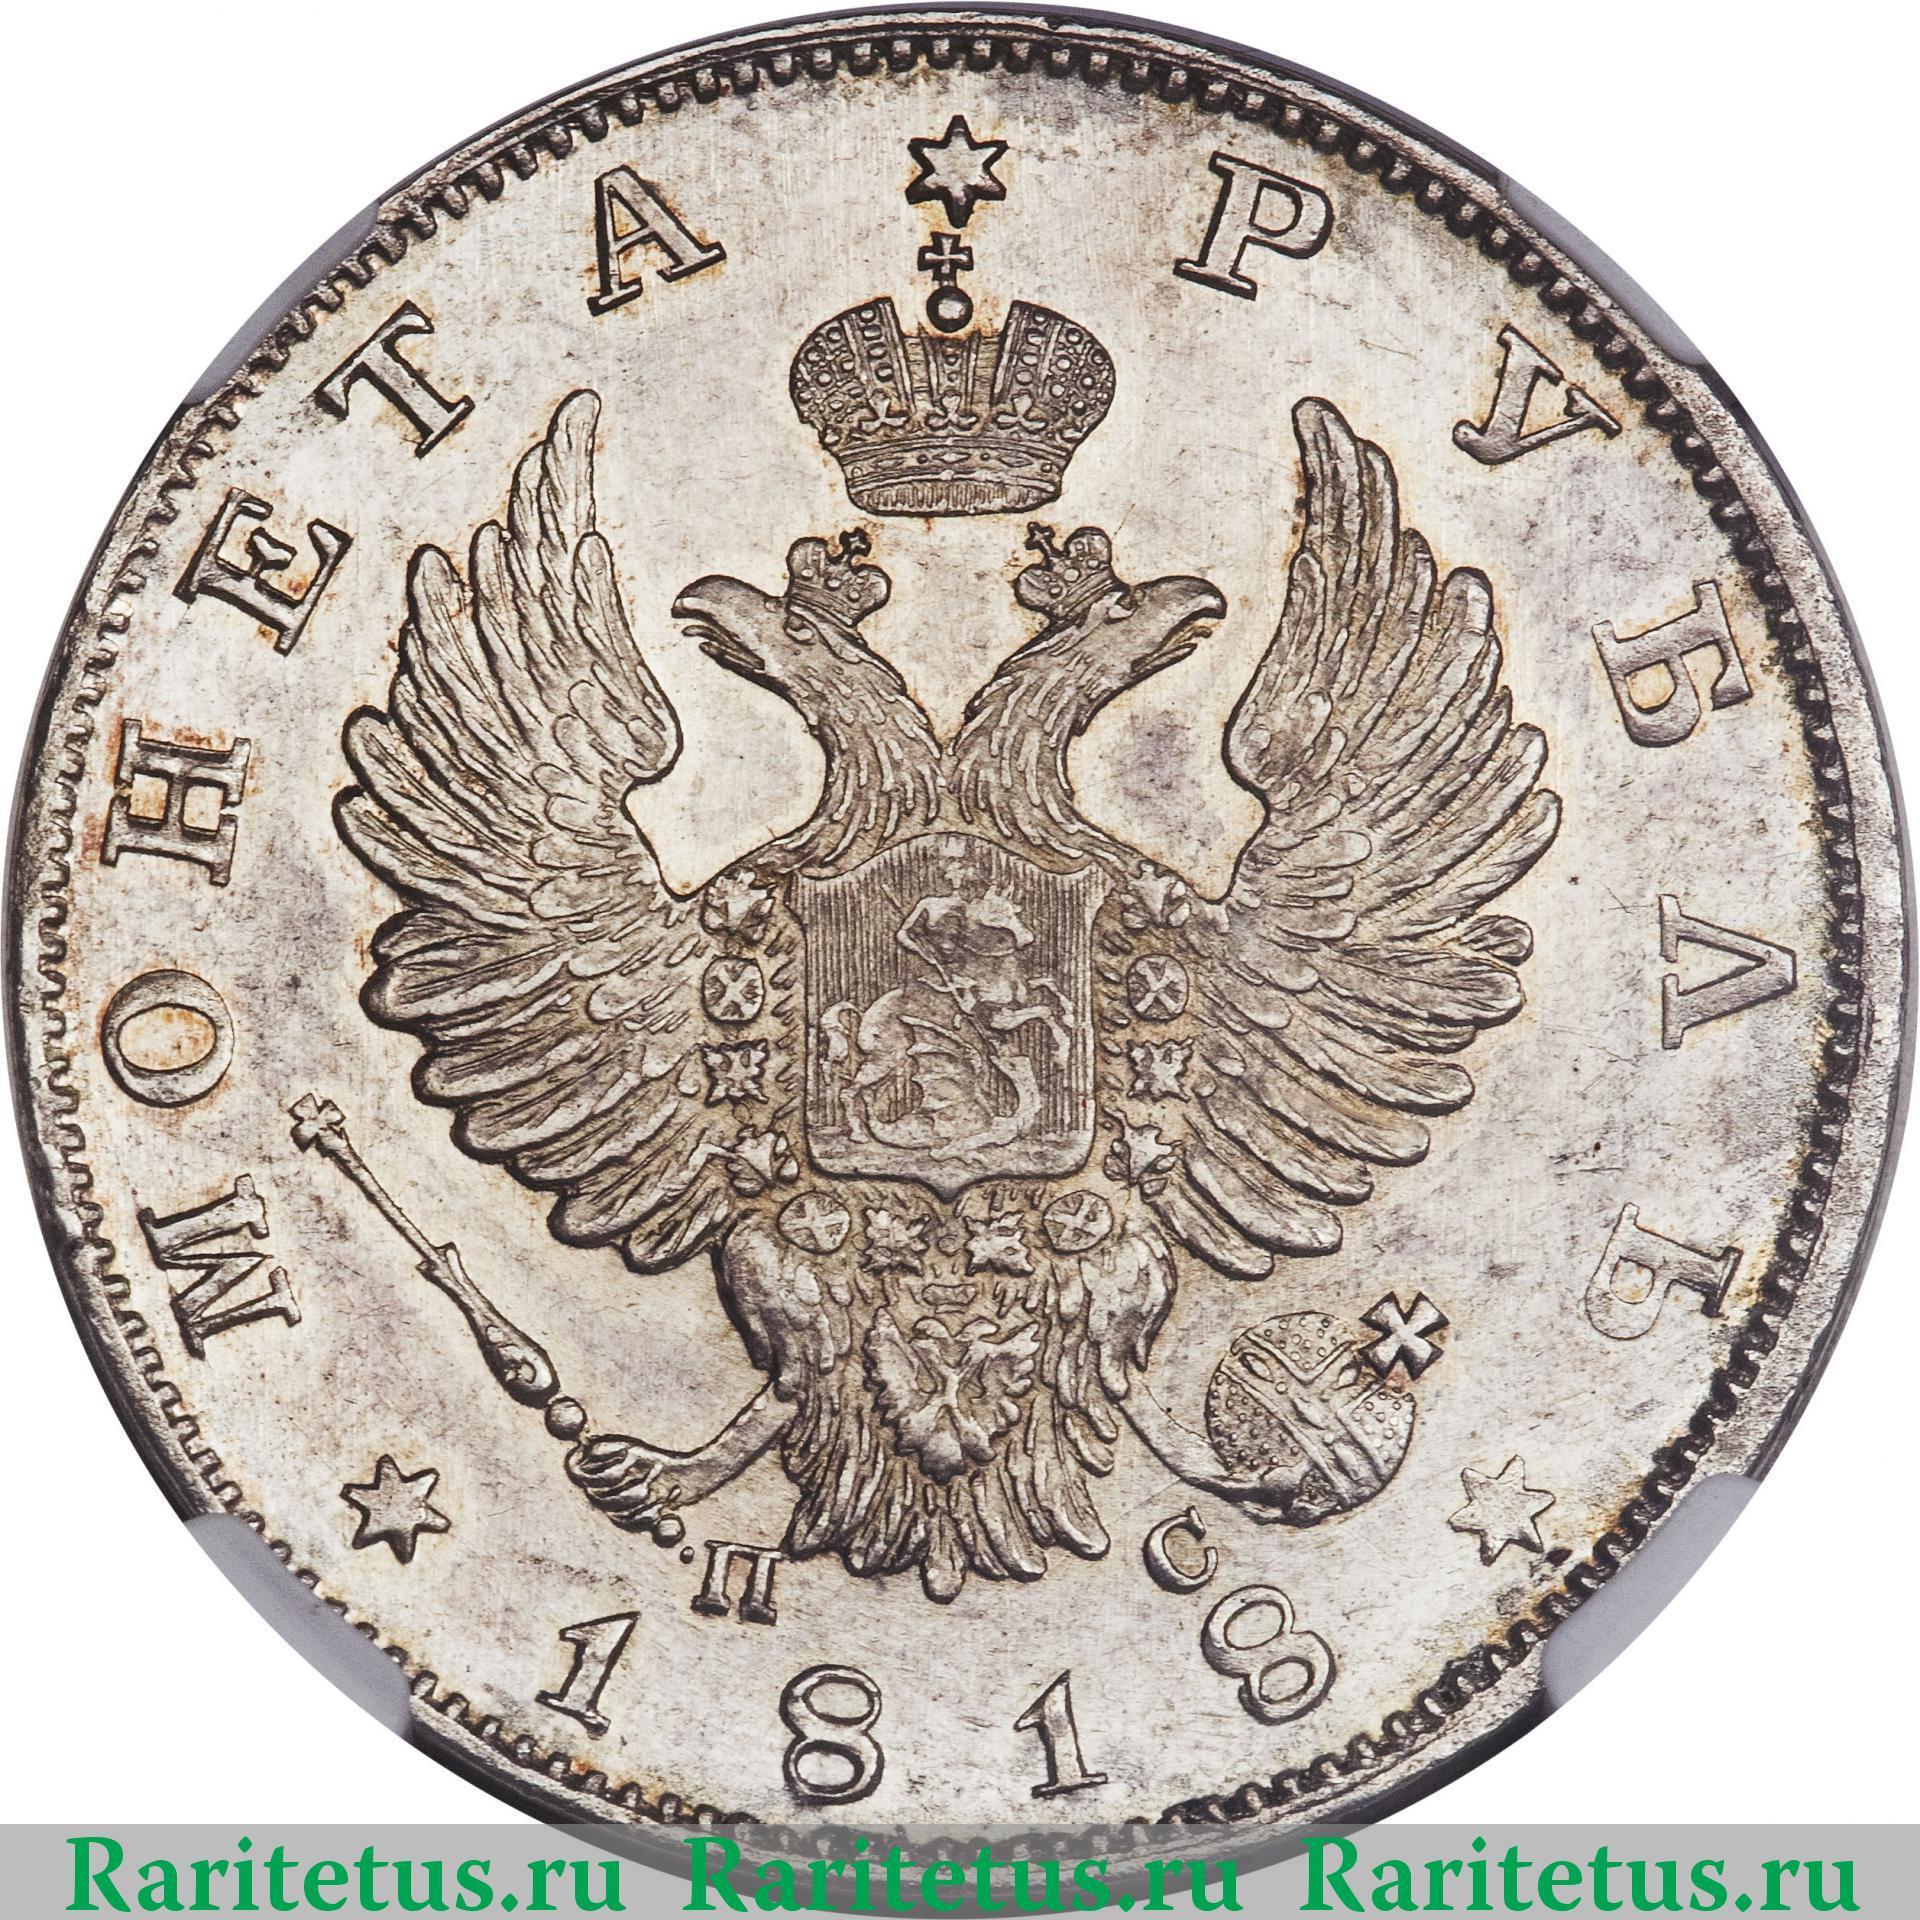 Аверс монеты 1 рубль 1818 года СПБ-ПС скипетр длиннее